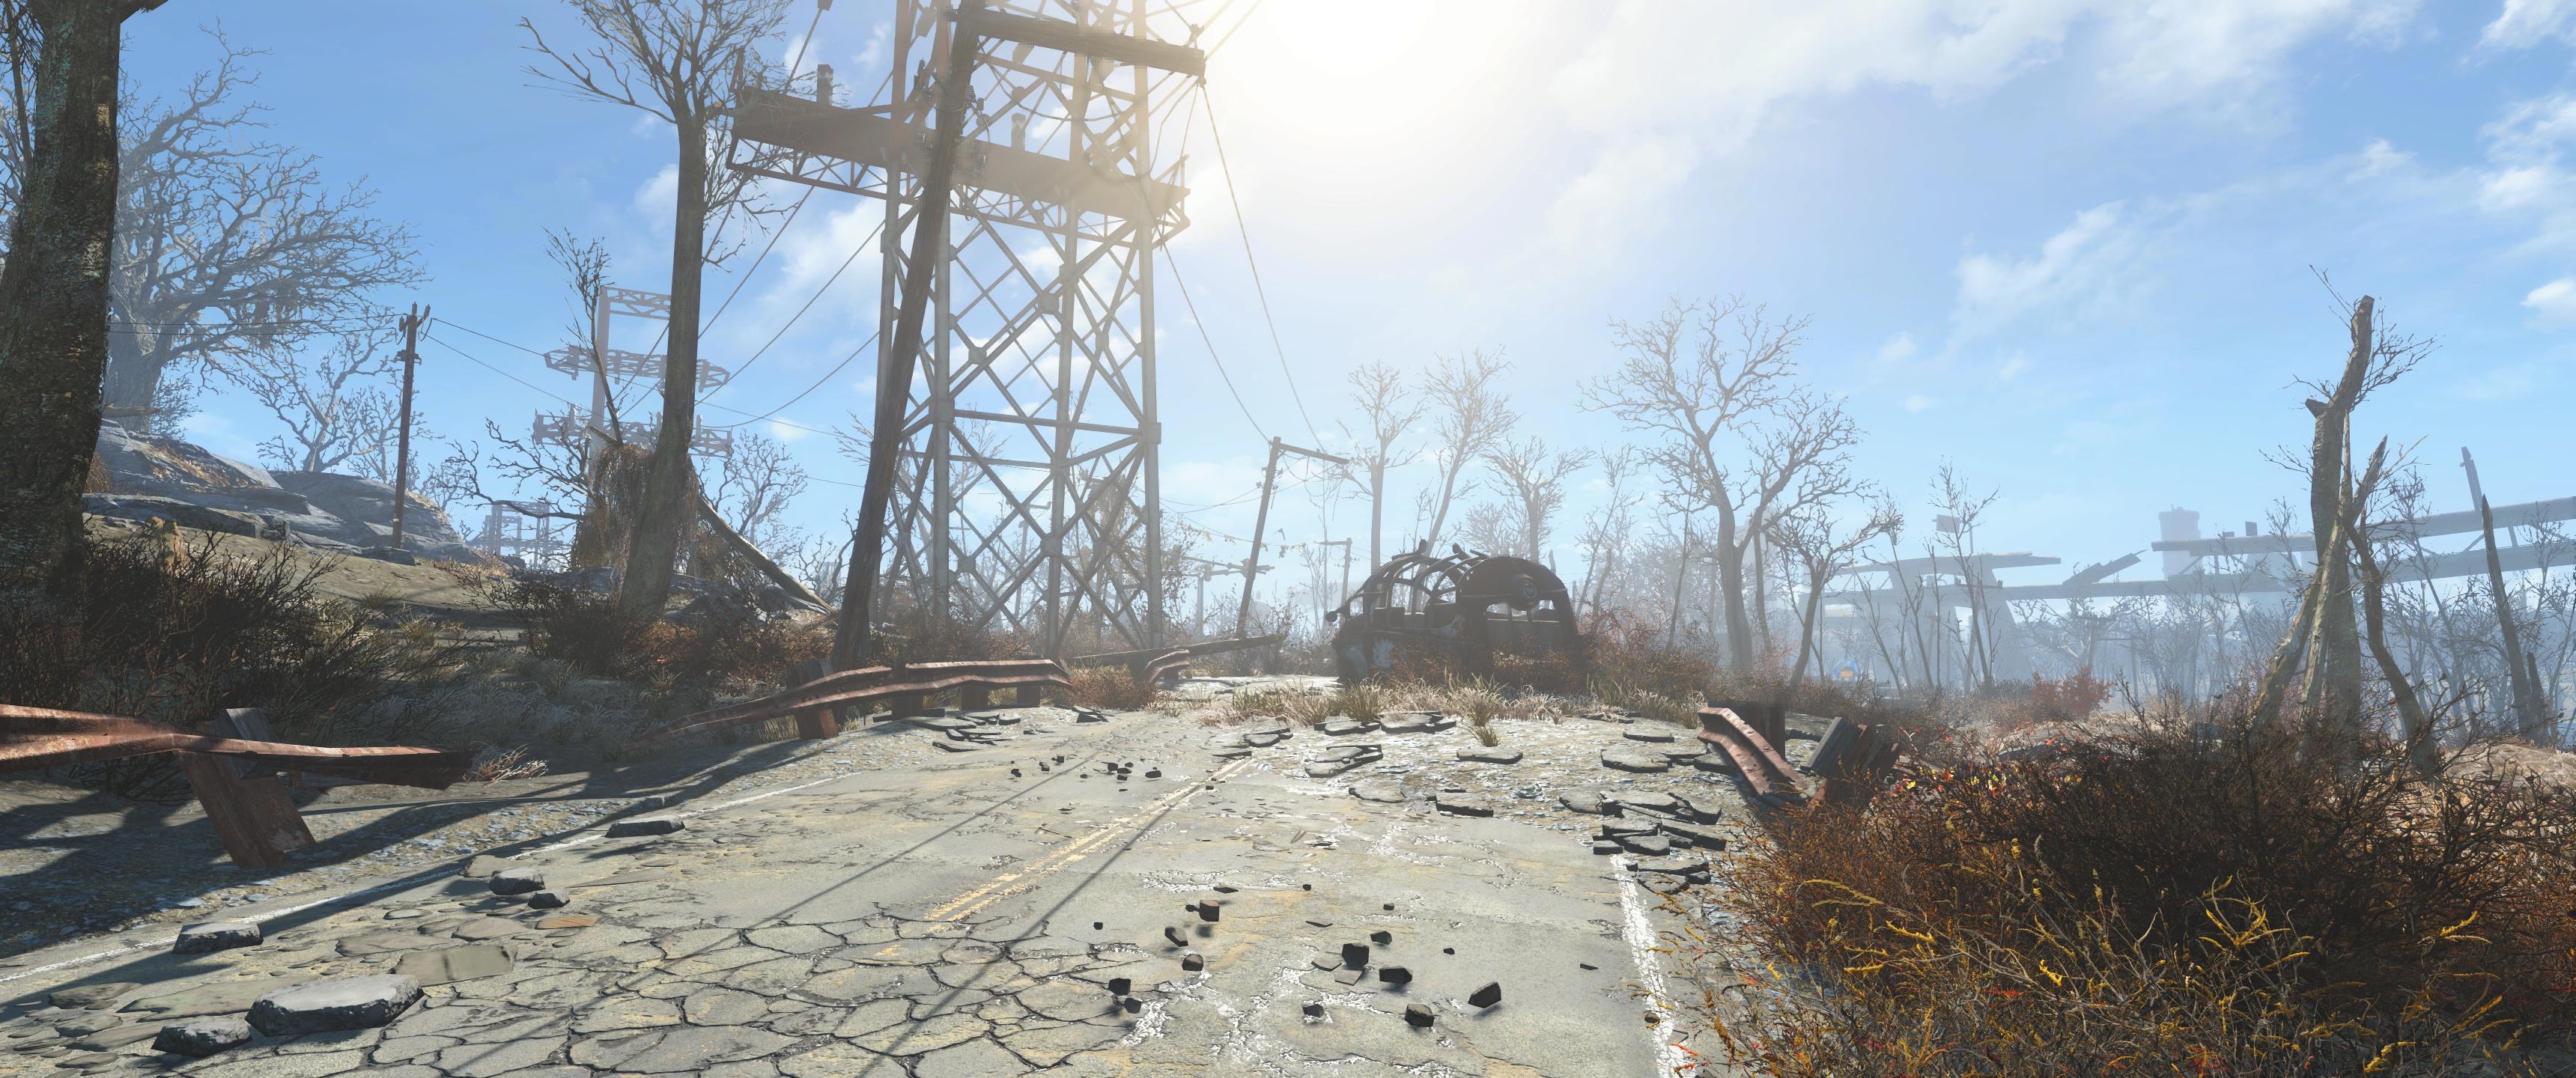 Fallout-landscape